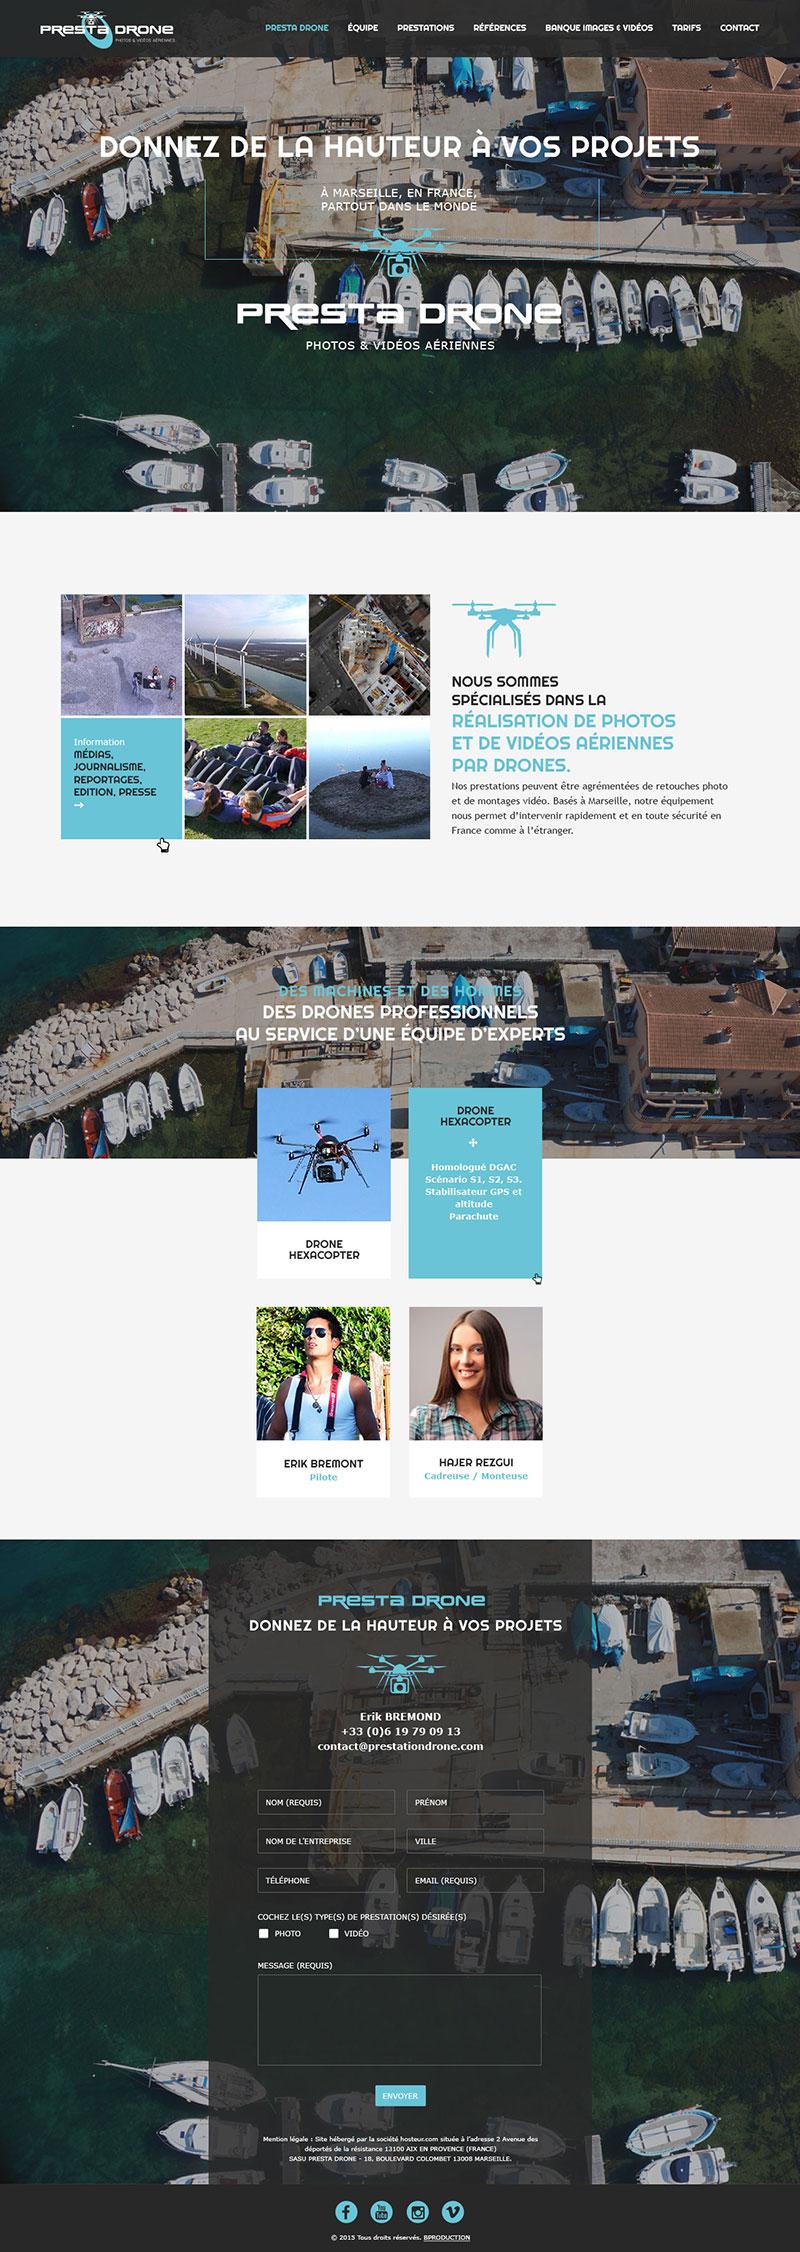 Page d'accueil du site Prestadrone